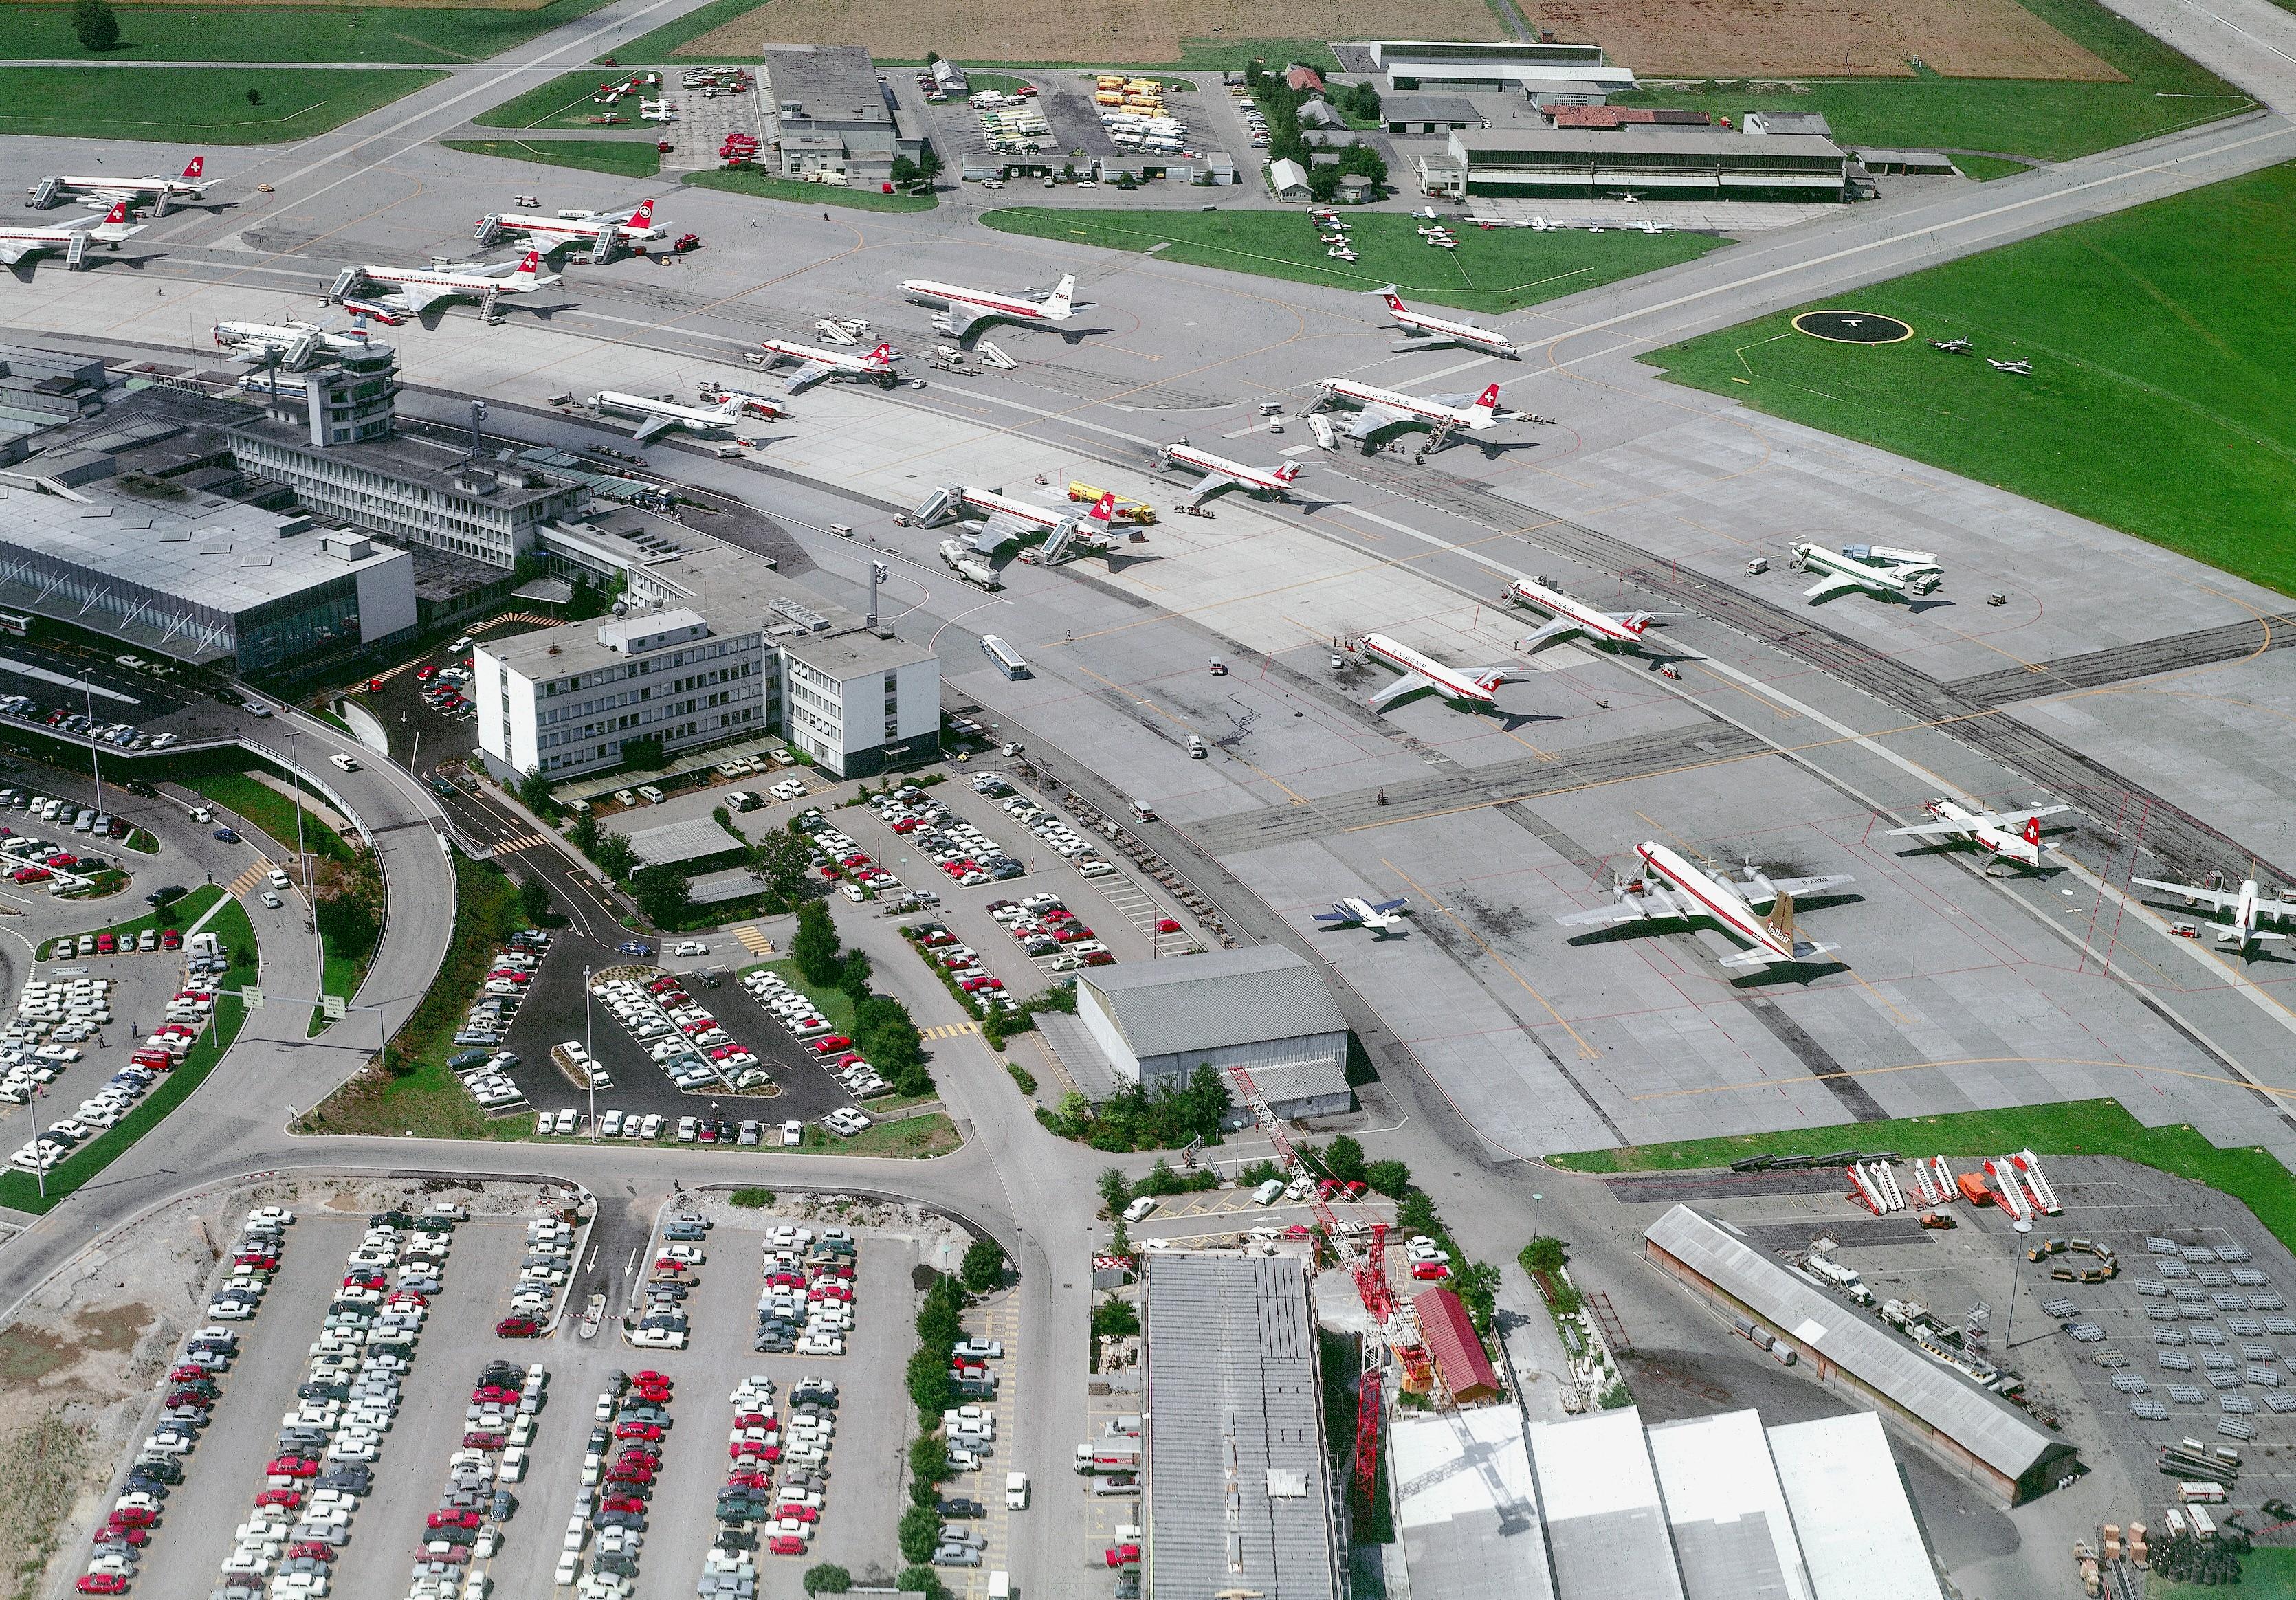 Zürich Flughafen im Jahr 1969